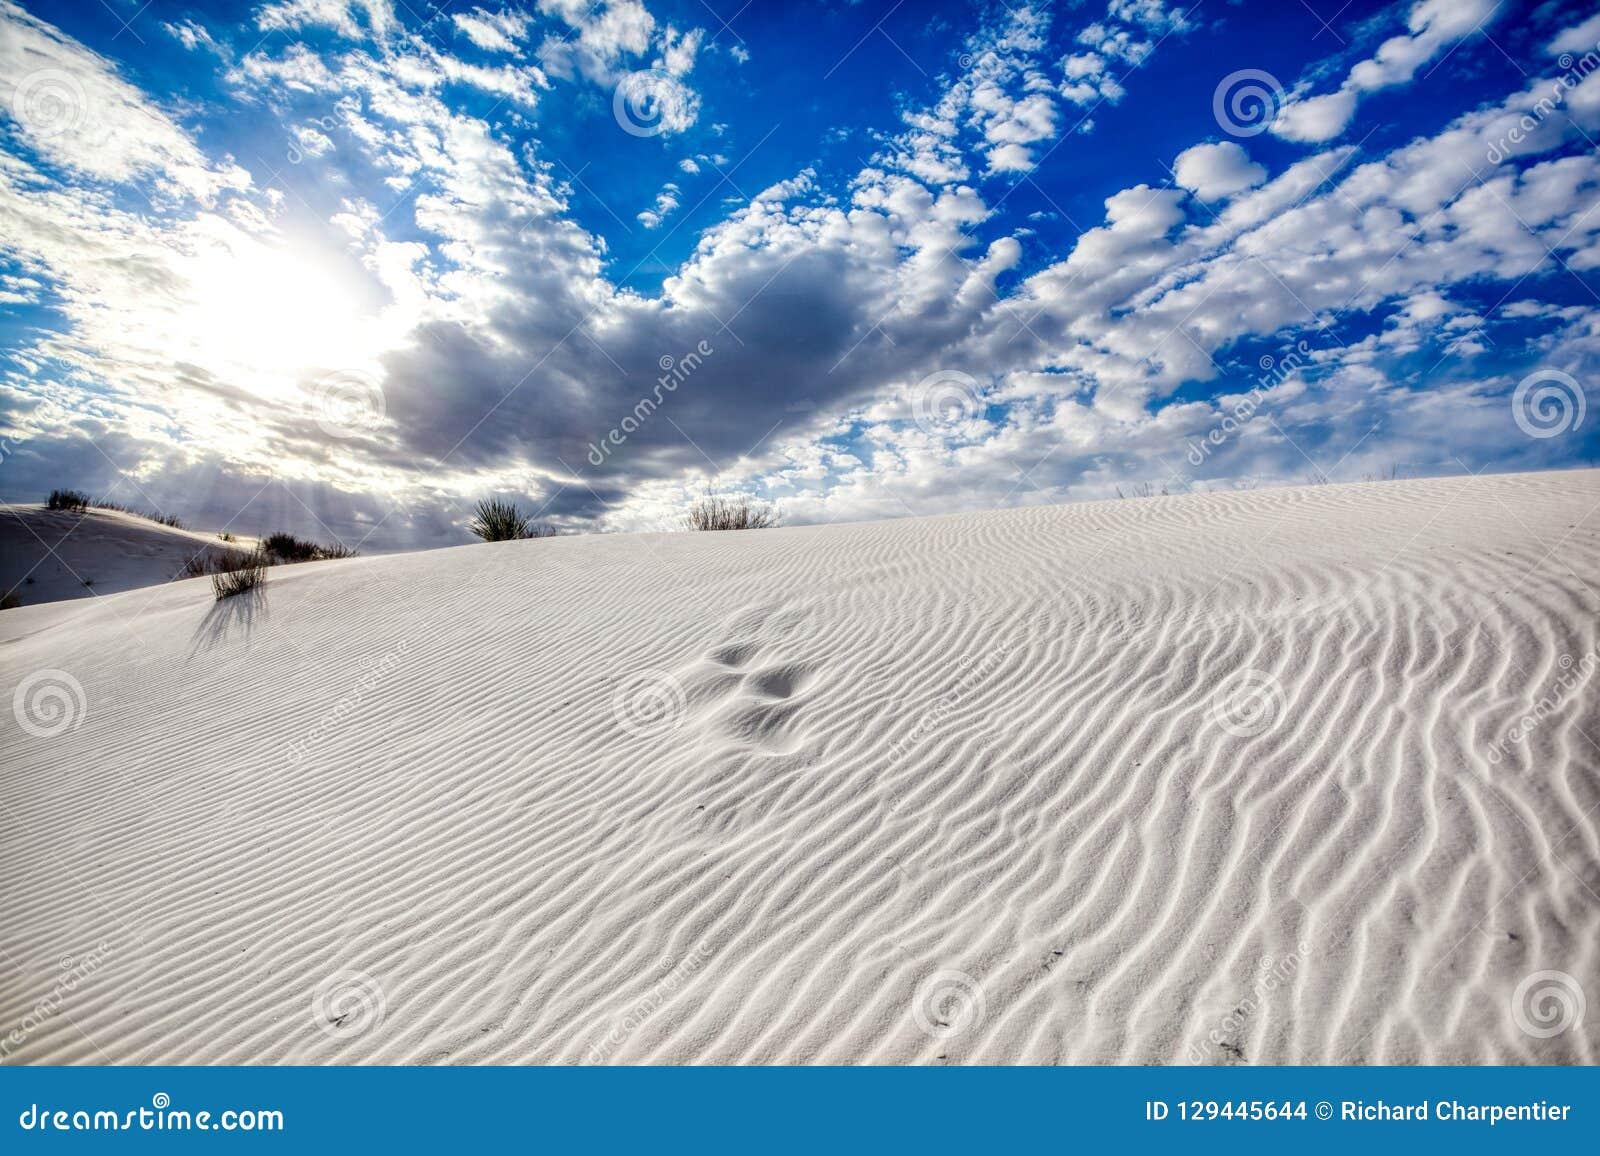 Картины в облаках и песчанных дюнах на белом памятнике песков